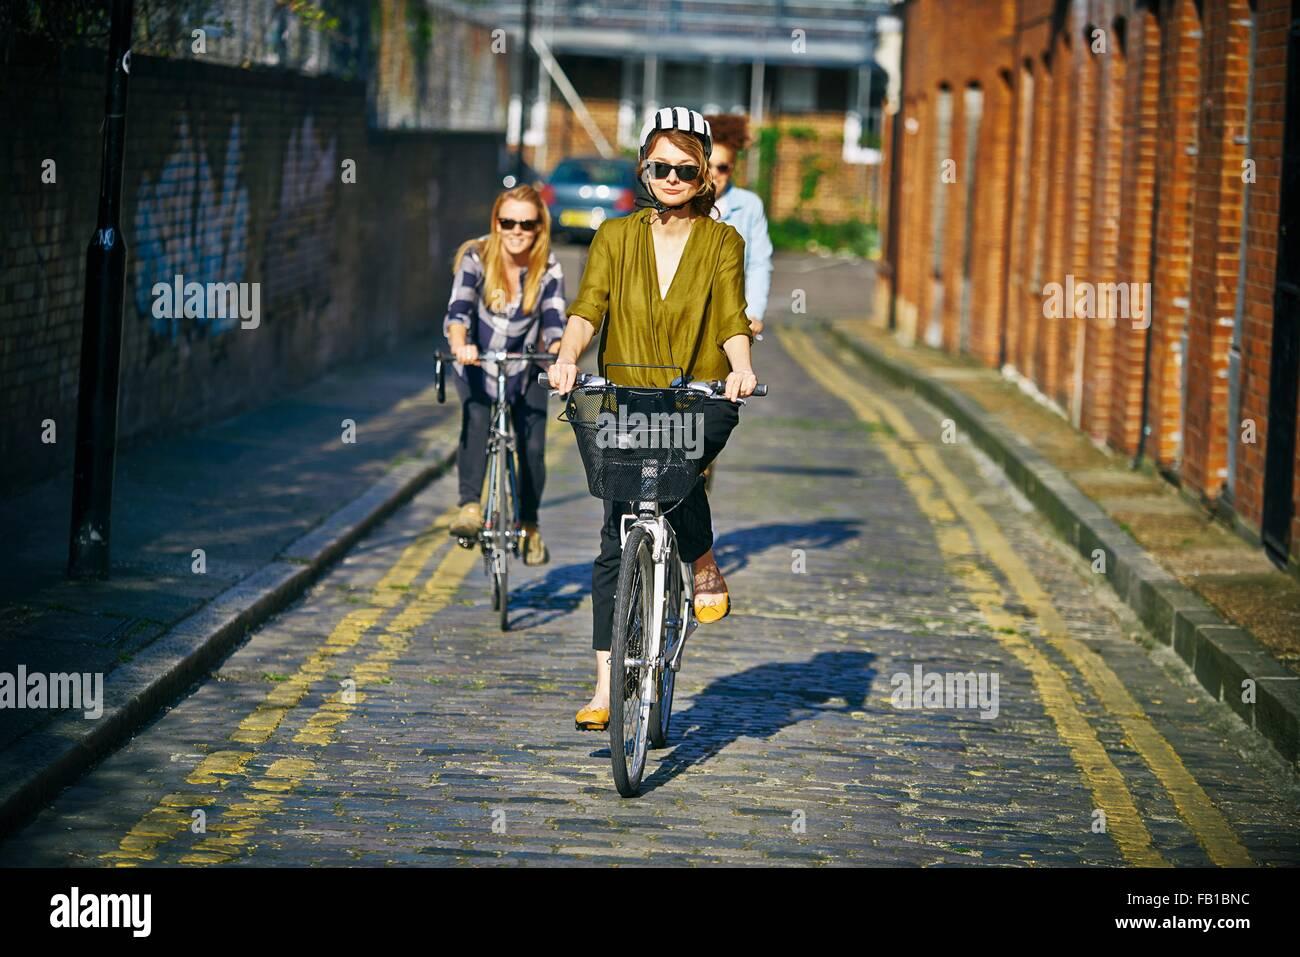 Vista frontale delle donne indossando occhiali da sole equitazione biciclette su strada acciottolata Immagini Stock